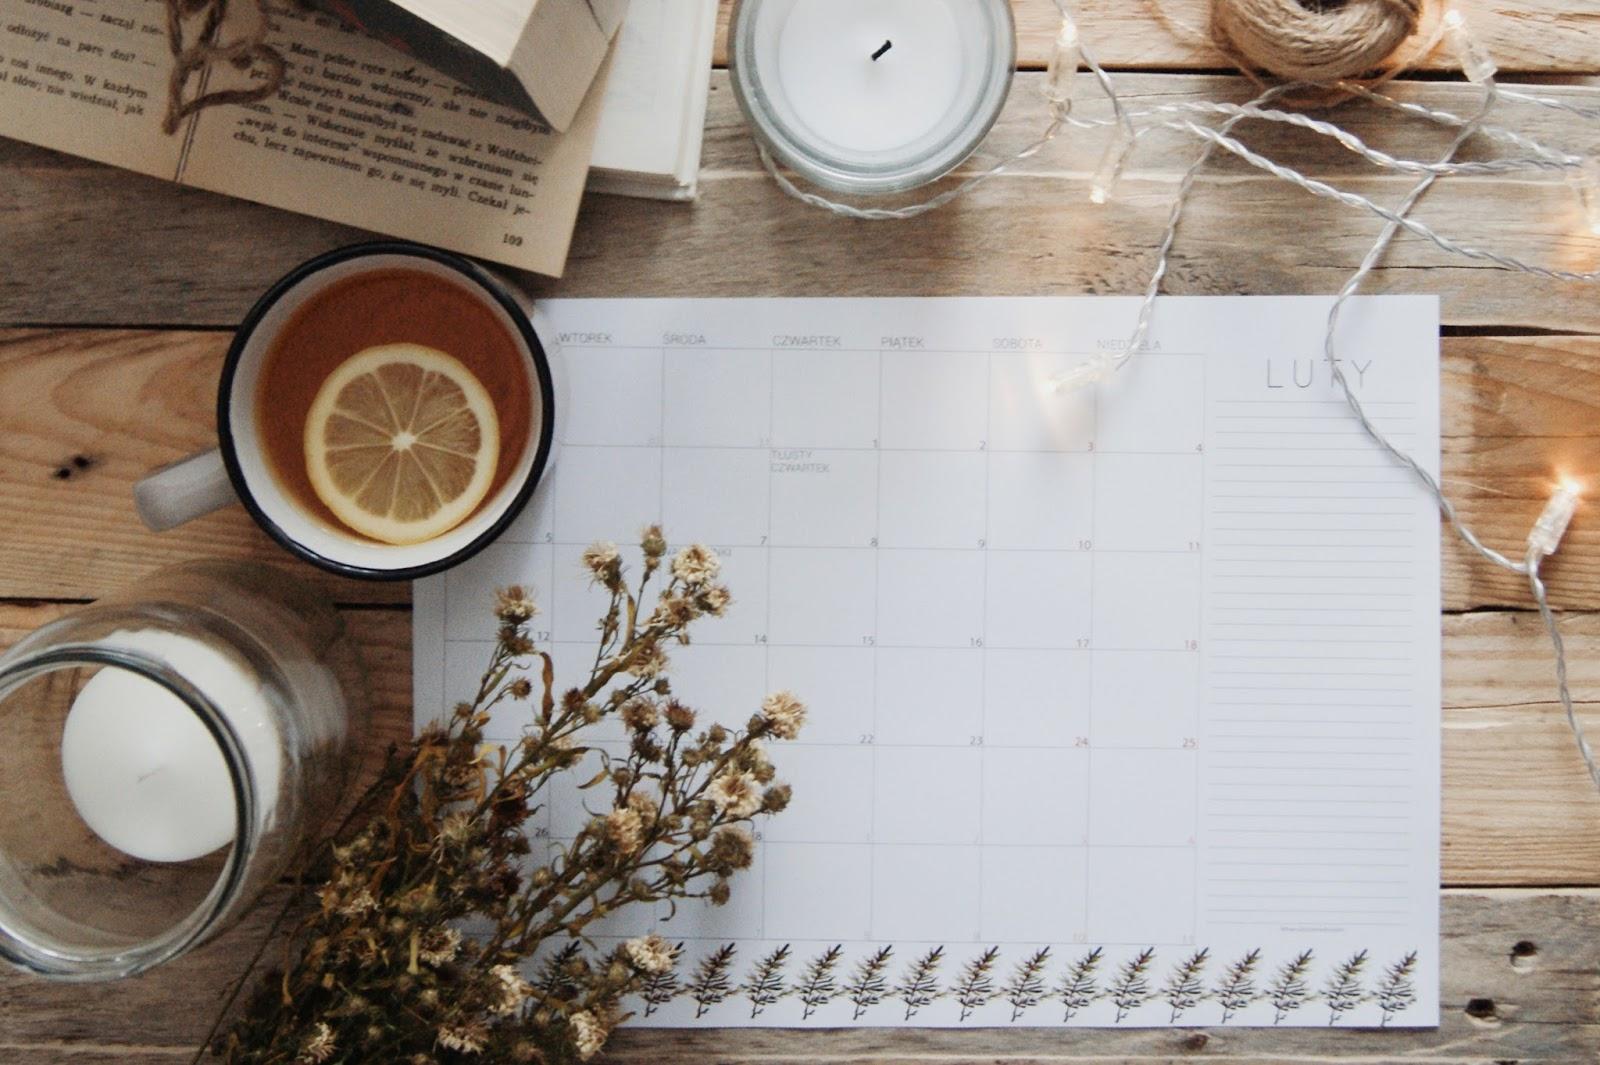 Planner - luty 2018 do druku